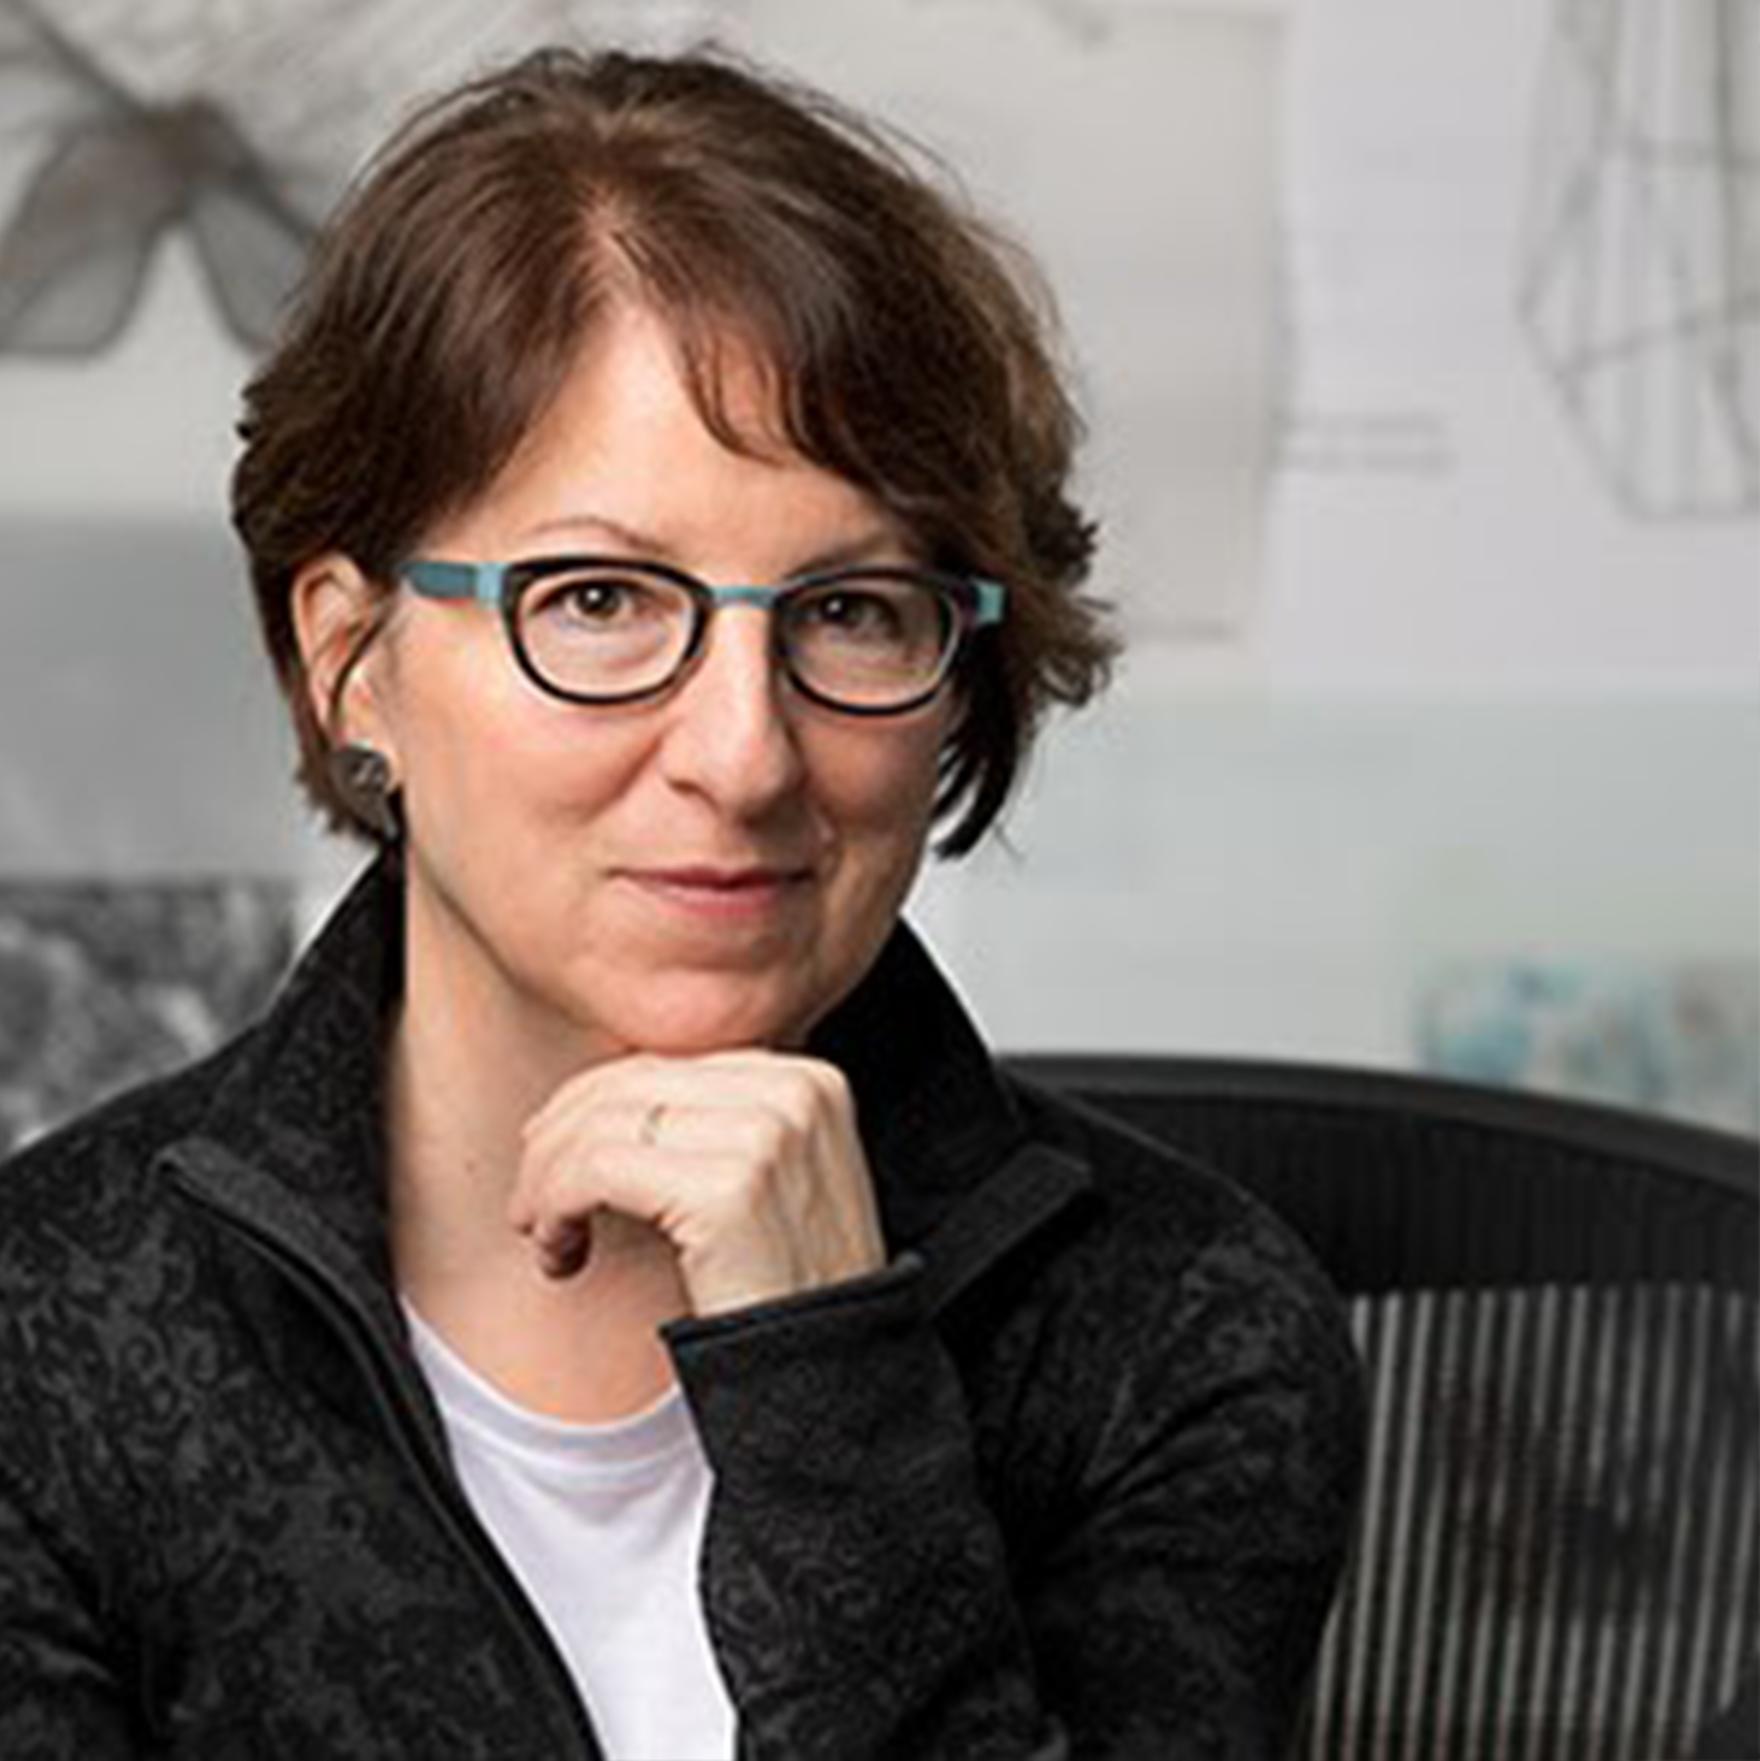 Andrea Wollensak